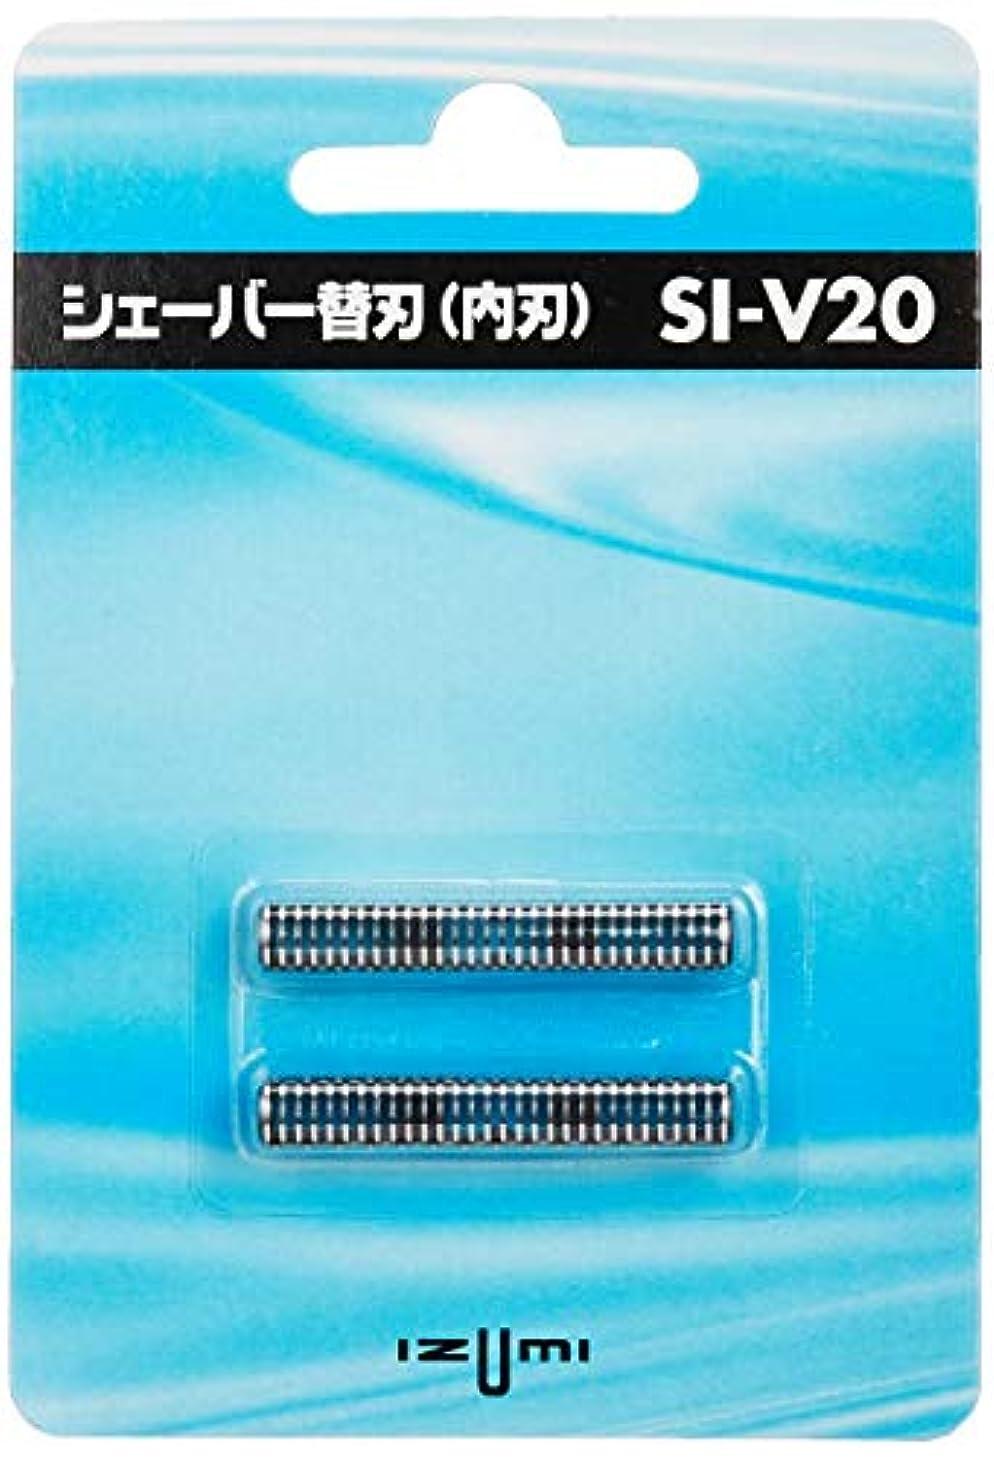 後方に突き出す摂動IZUMI シェーバー用替刃(内刃) SI-V20